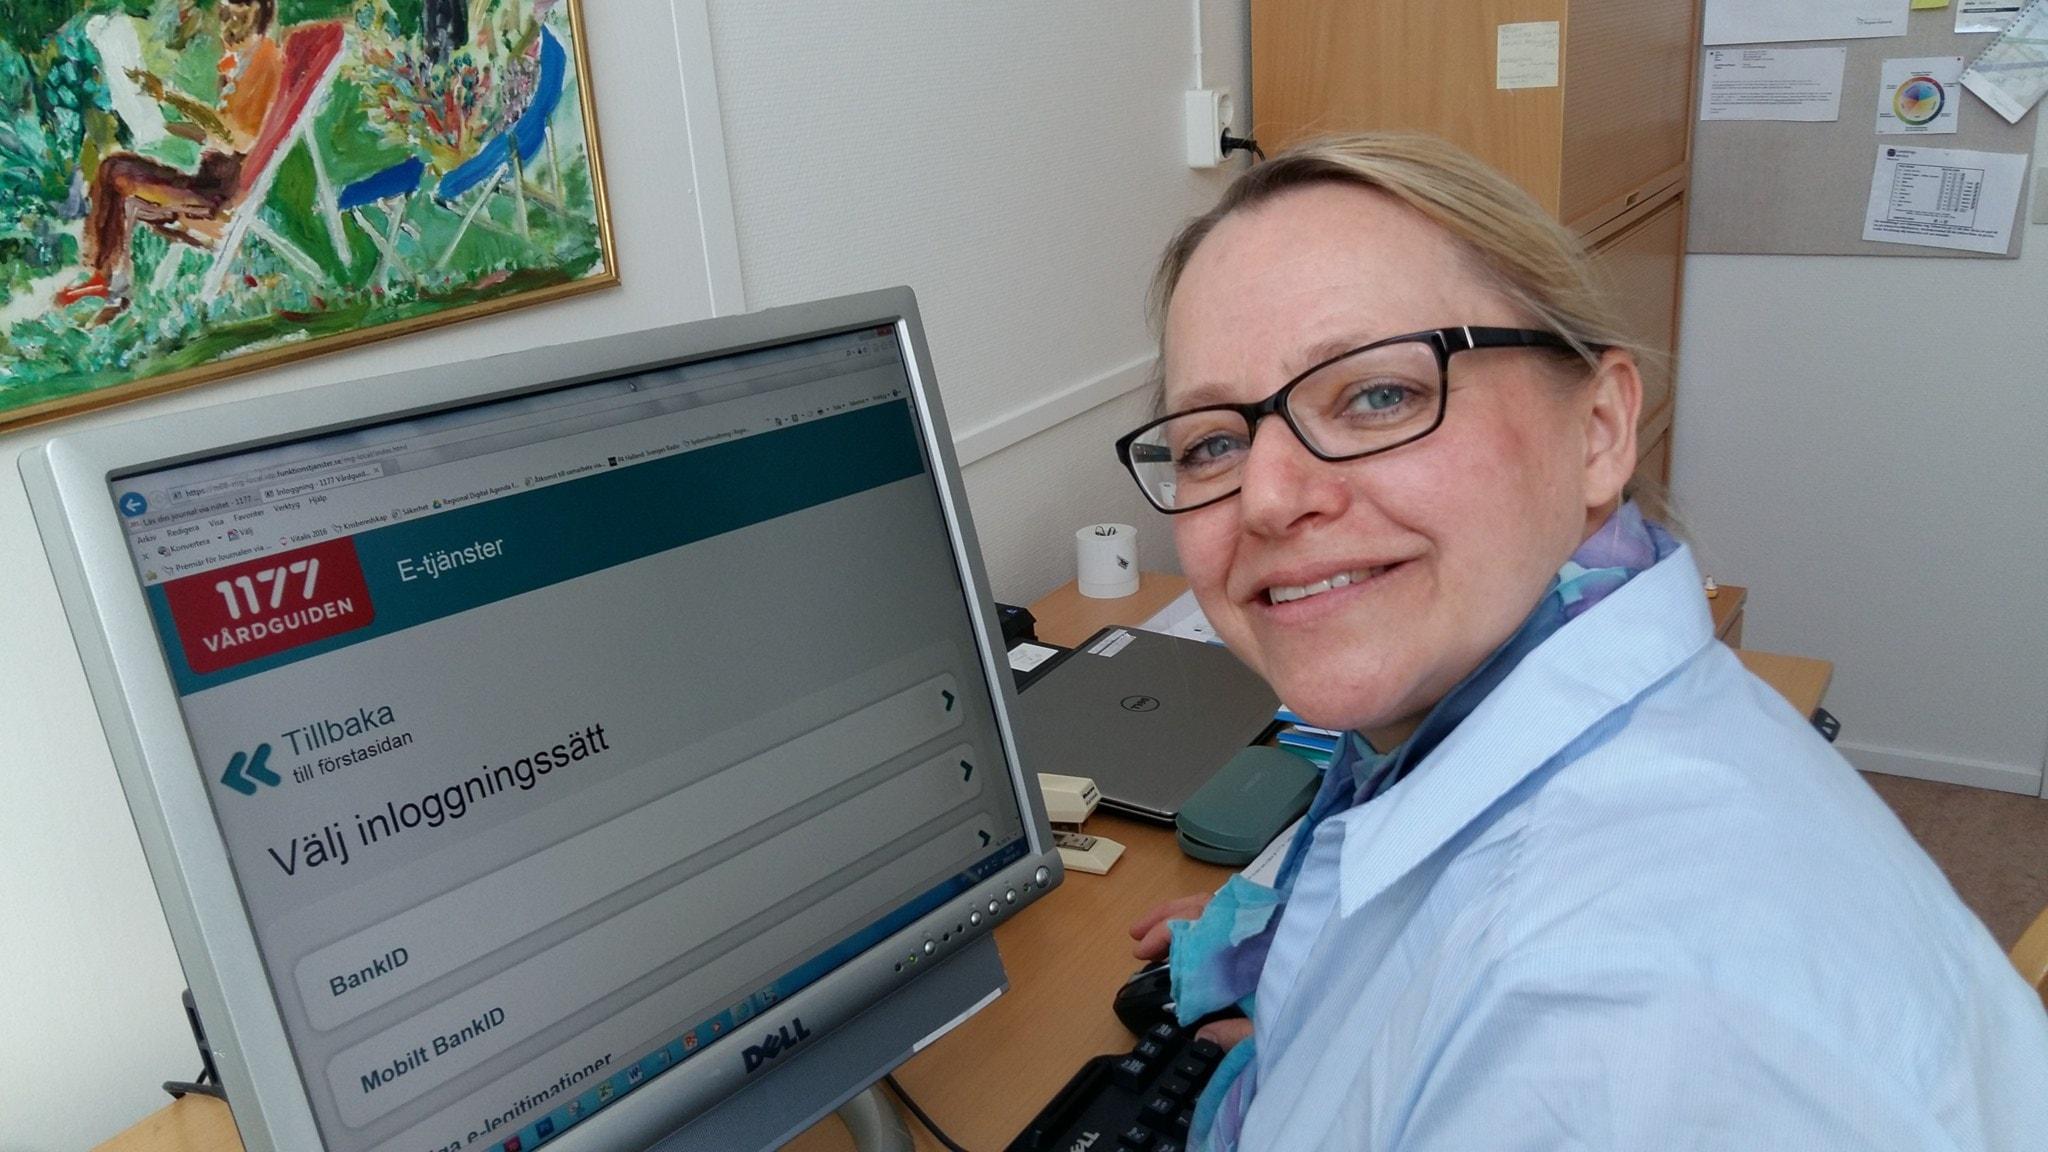 patientjournal på nätet